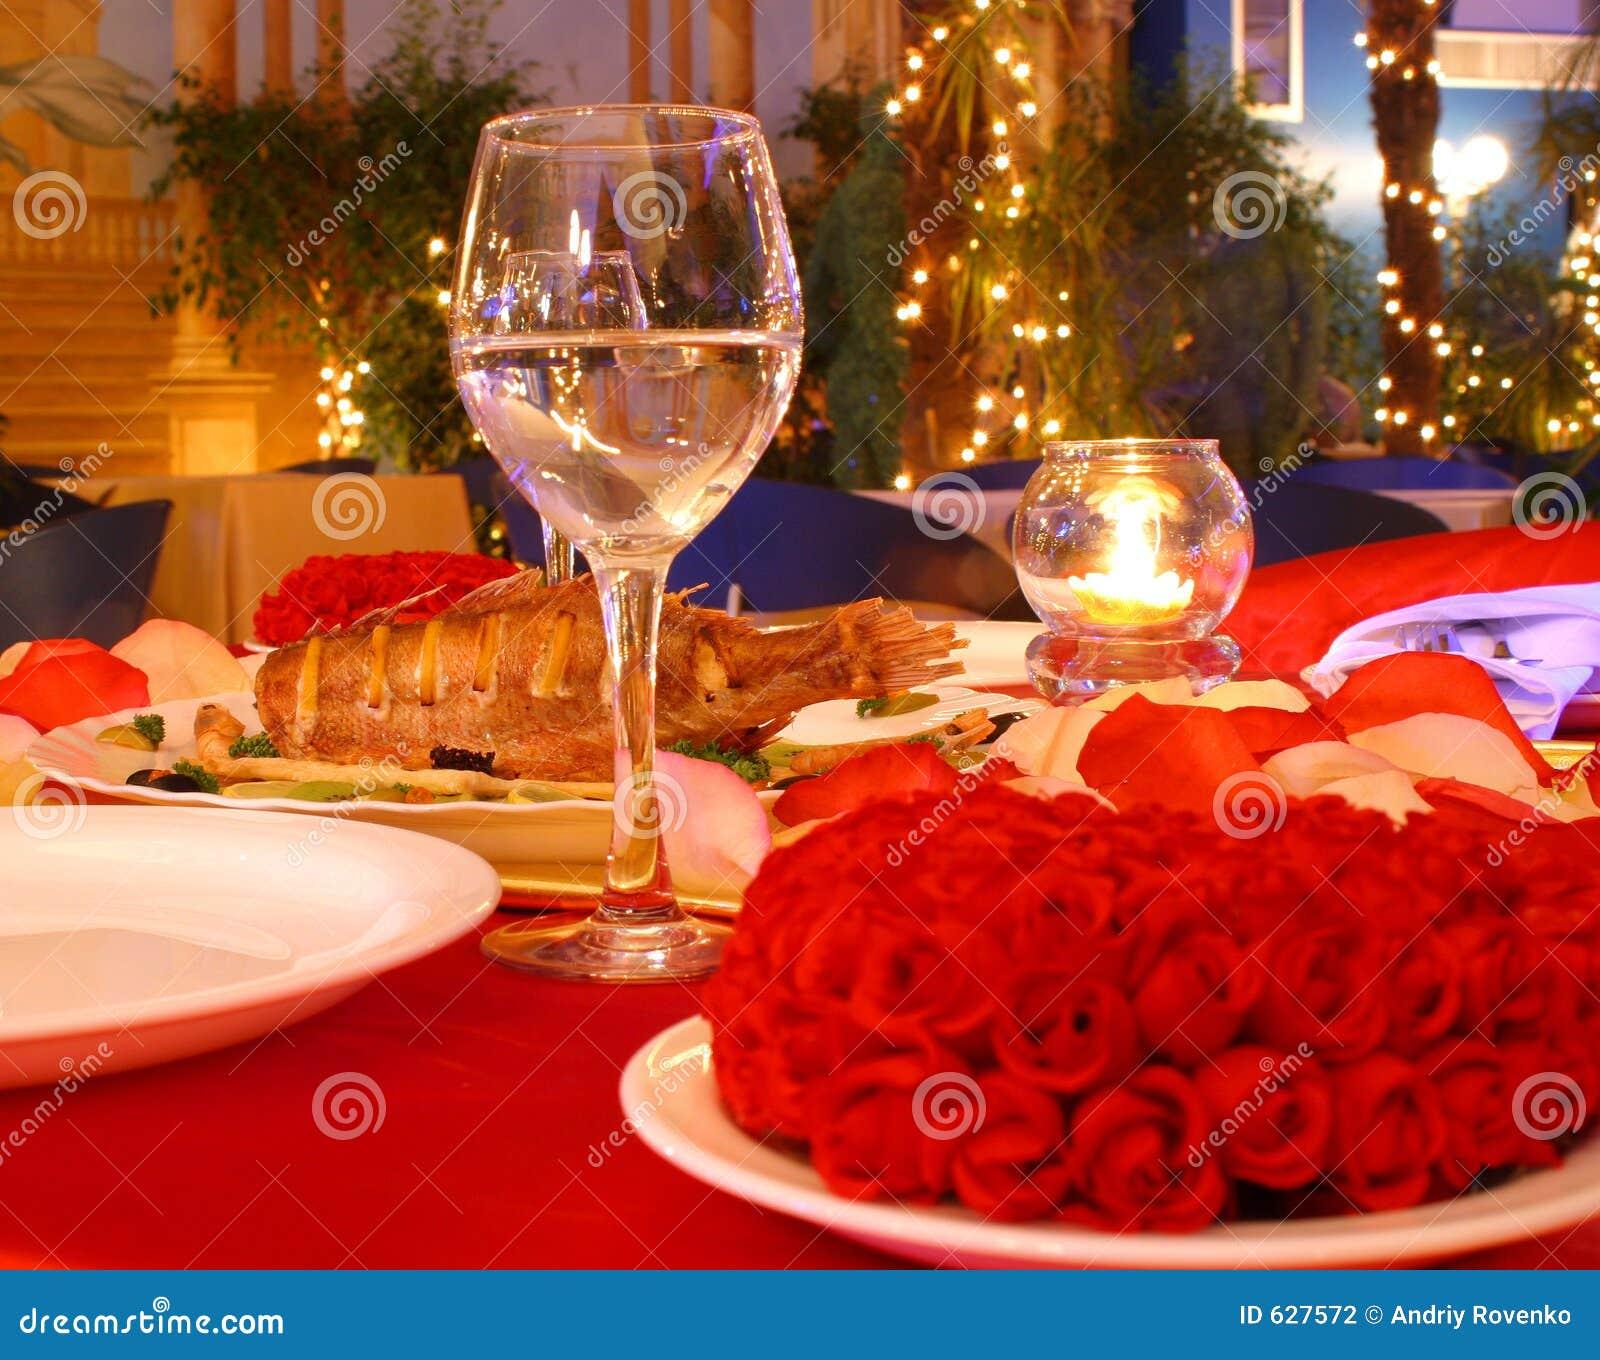 таблица красного цвета обеда